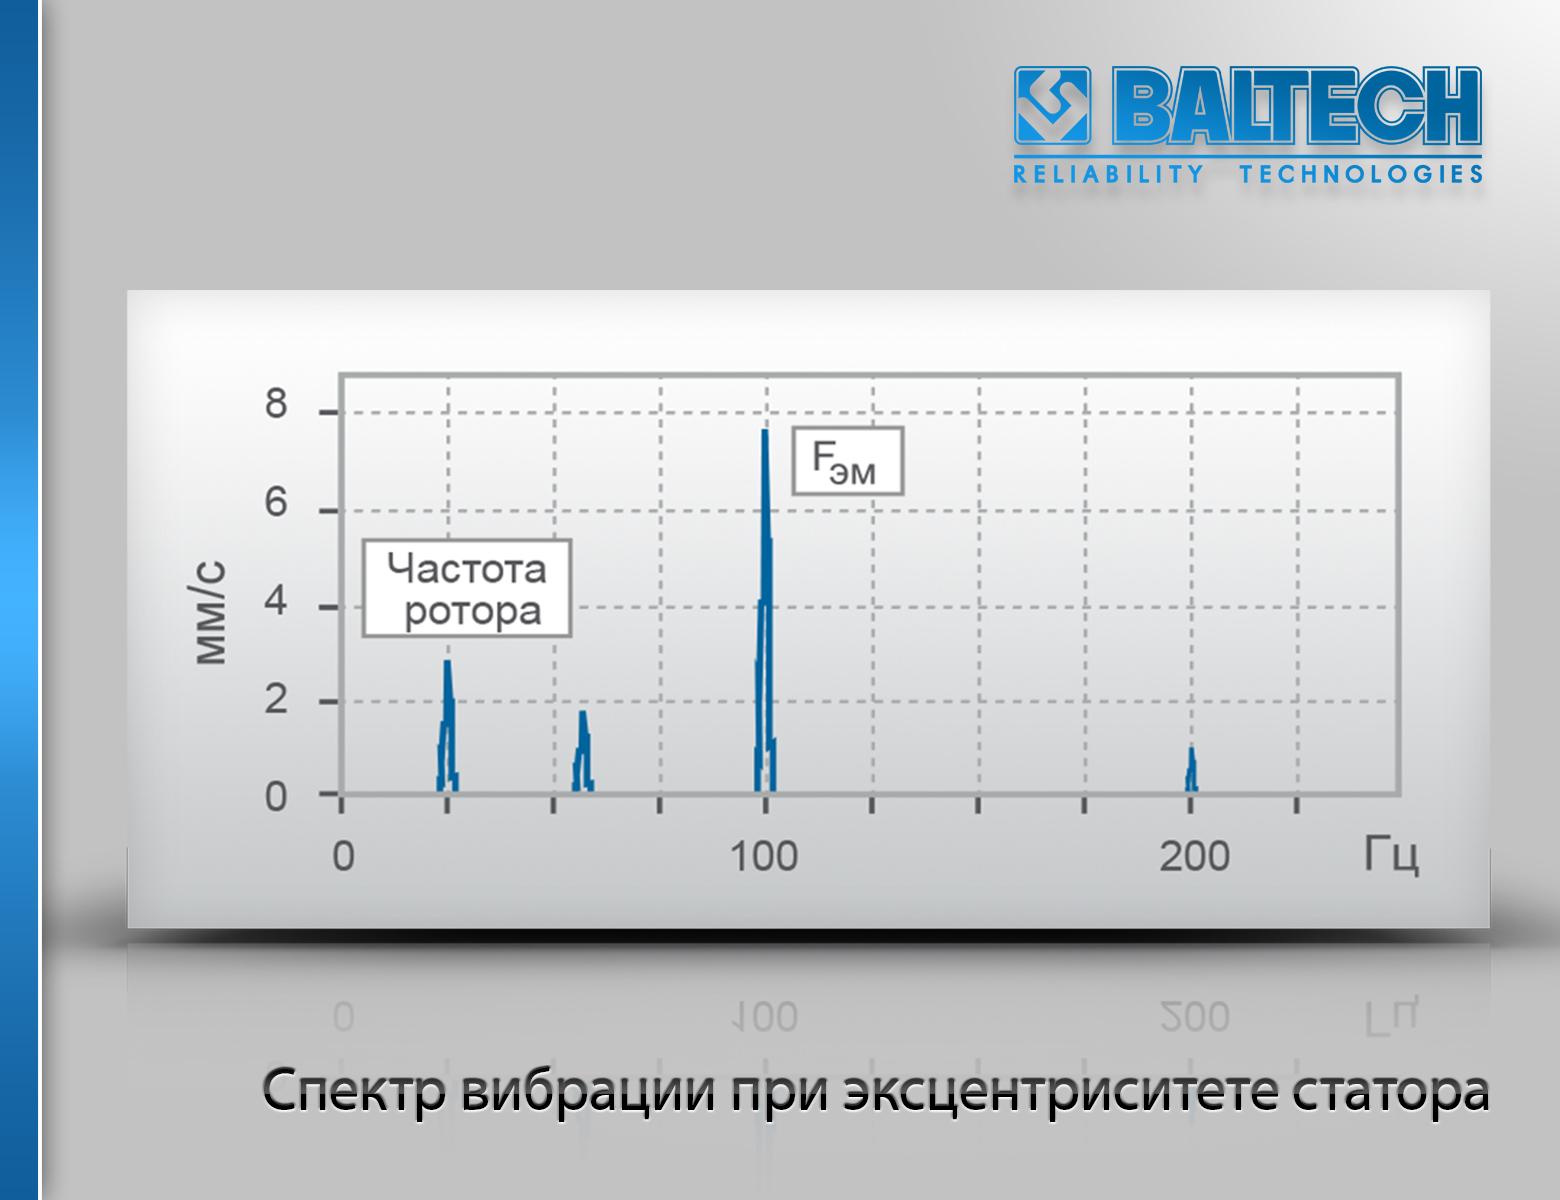 Диагностика электрических машин, спектр вибрации при эксцентриситете статора